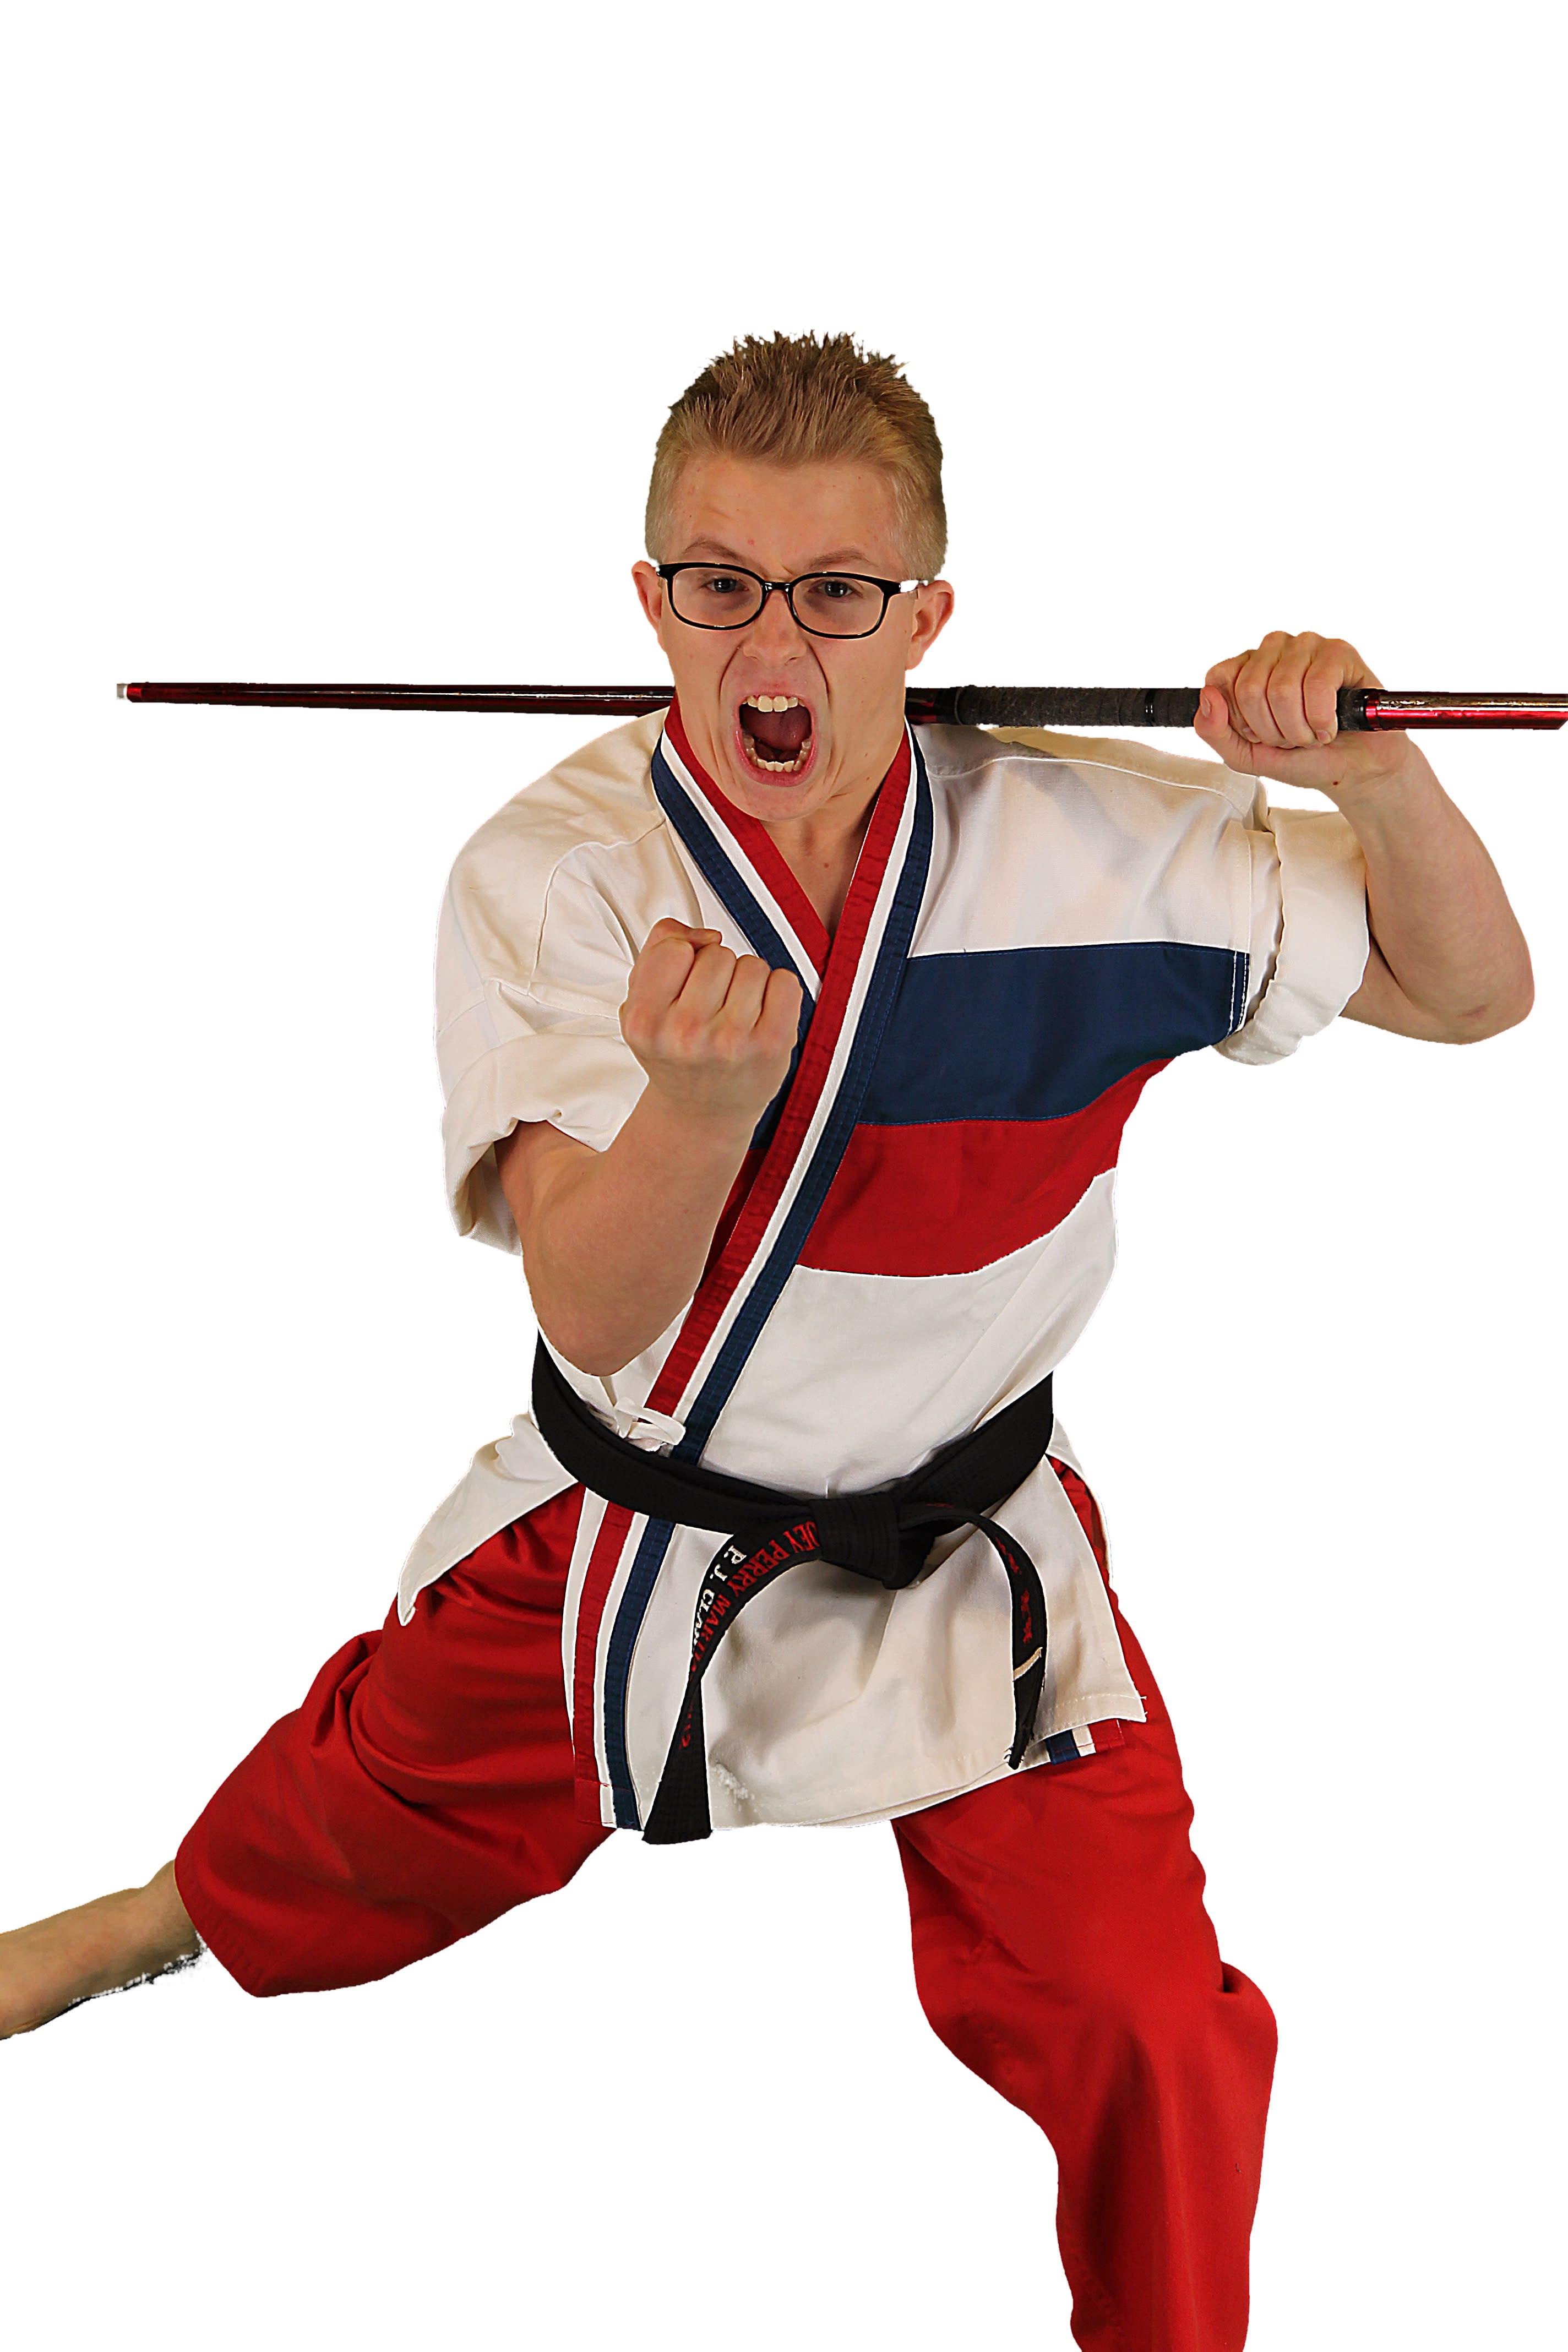 PJ Clark in Jonesboro - Joey Perry Martial Arts Academy